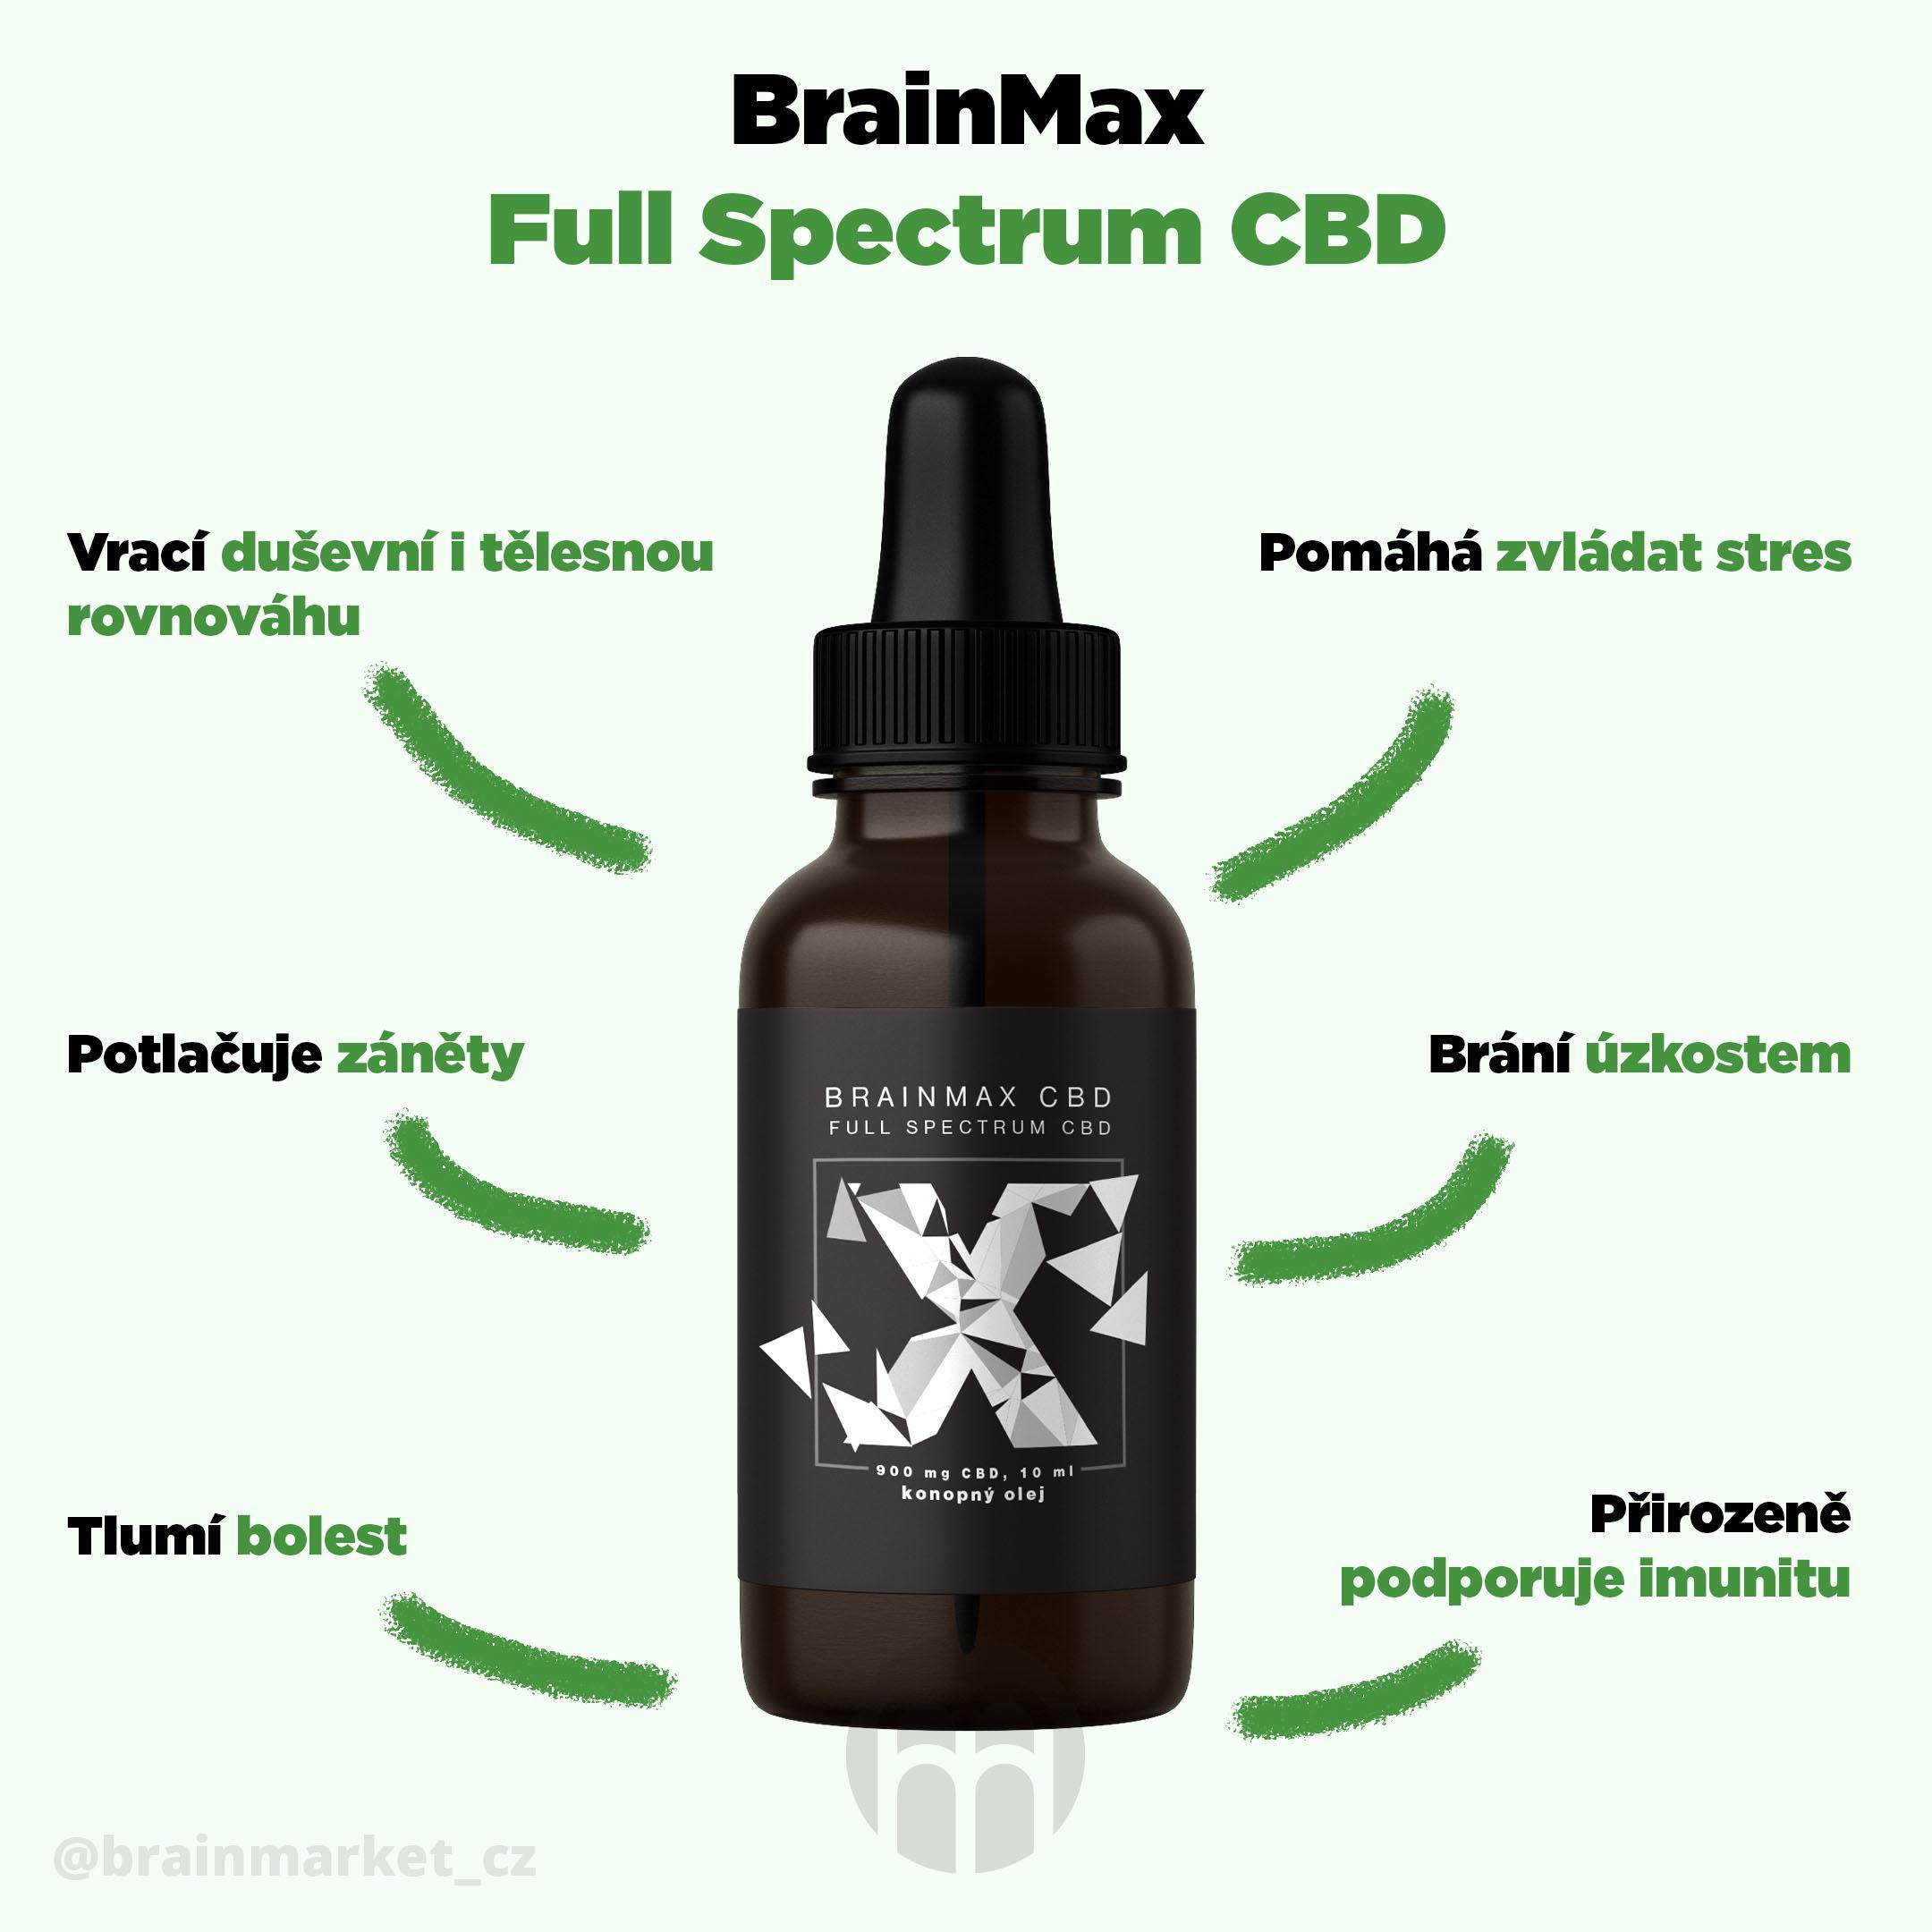 brainmax-cbd-infografika-brainmarket-cz